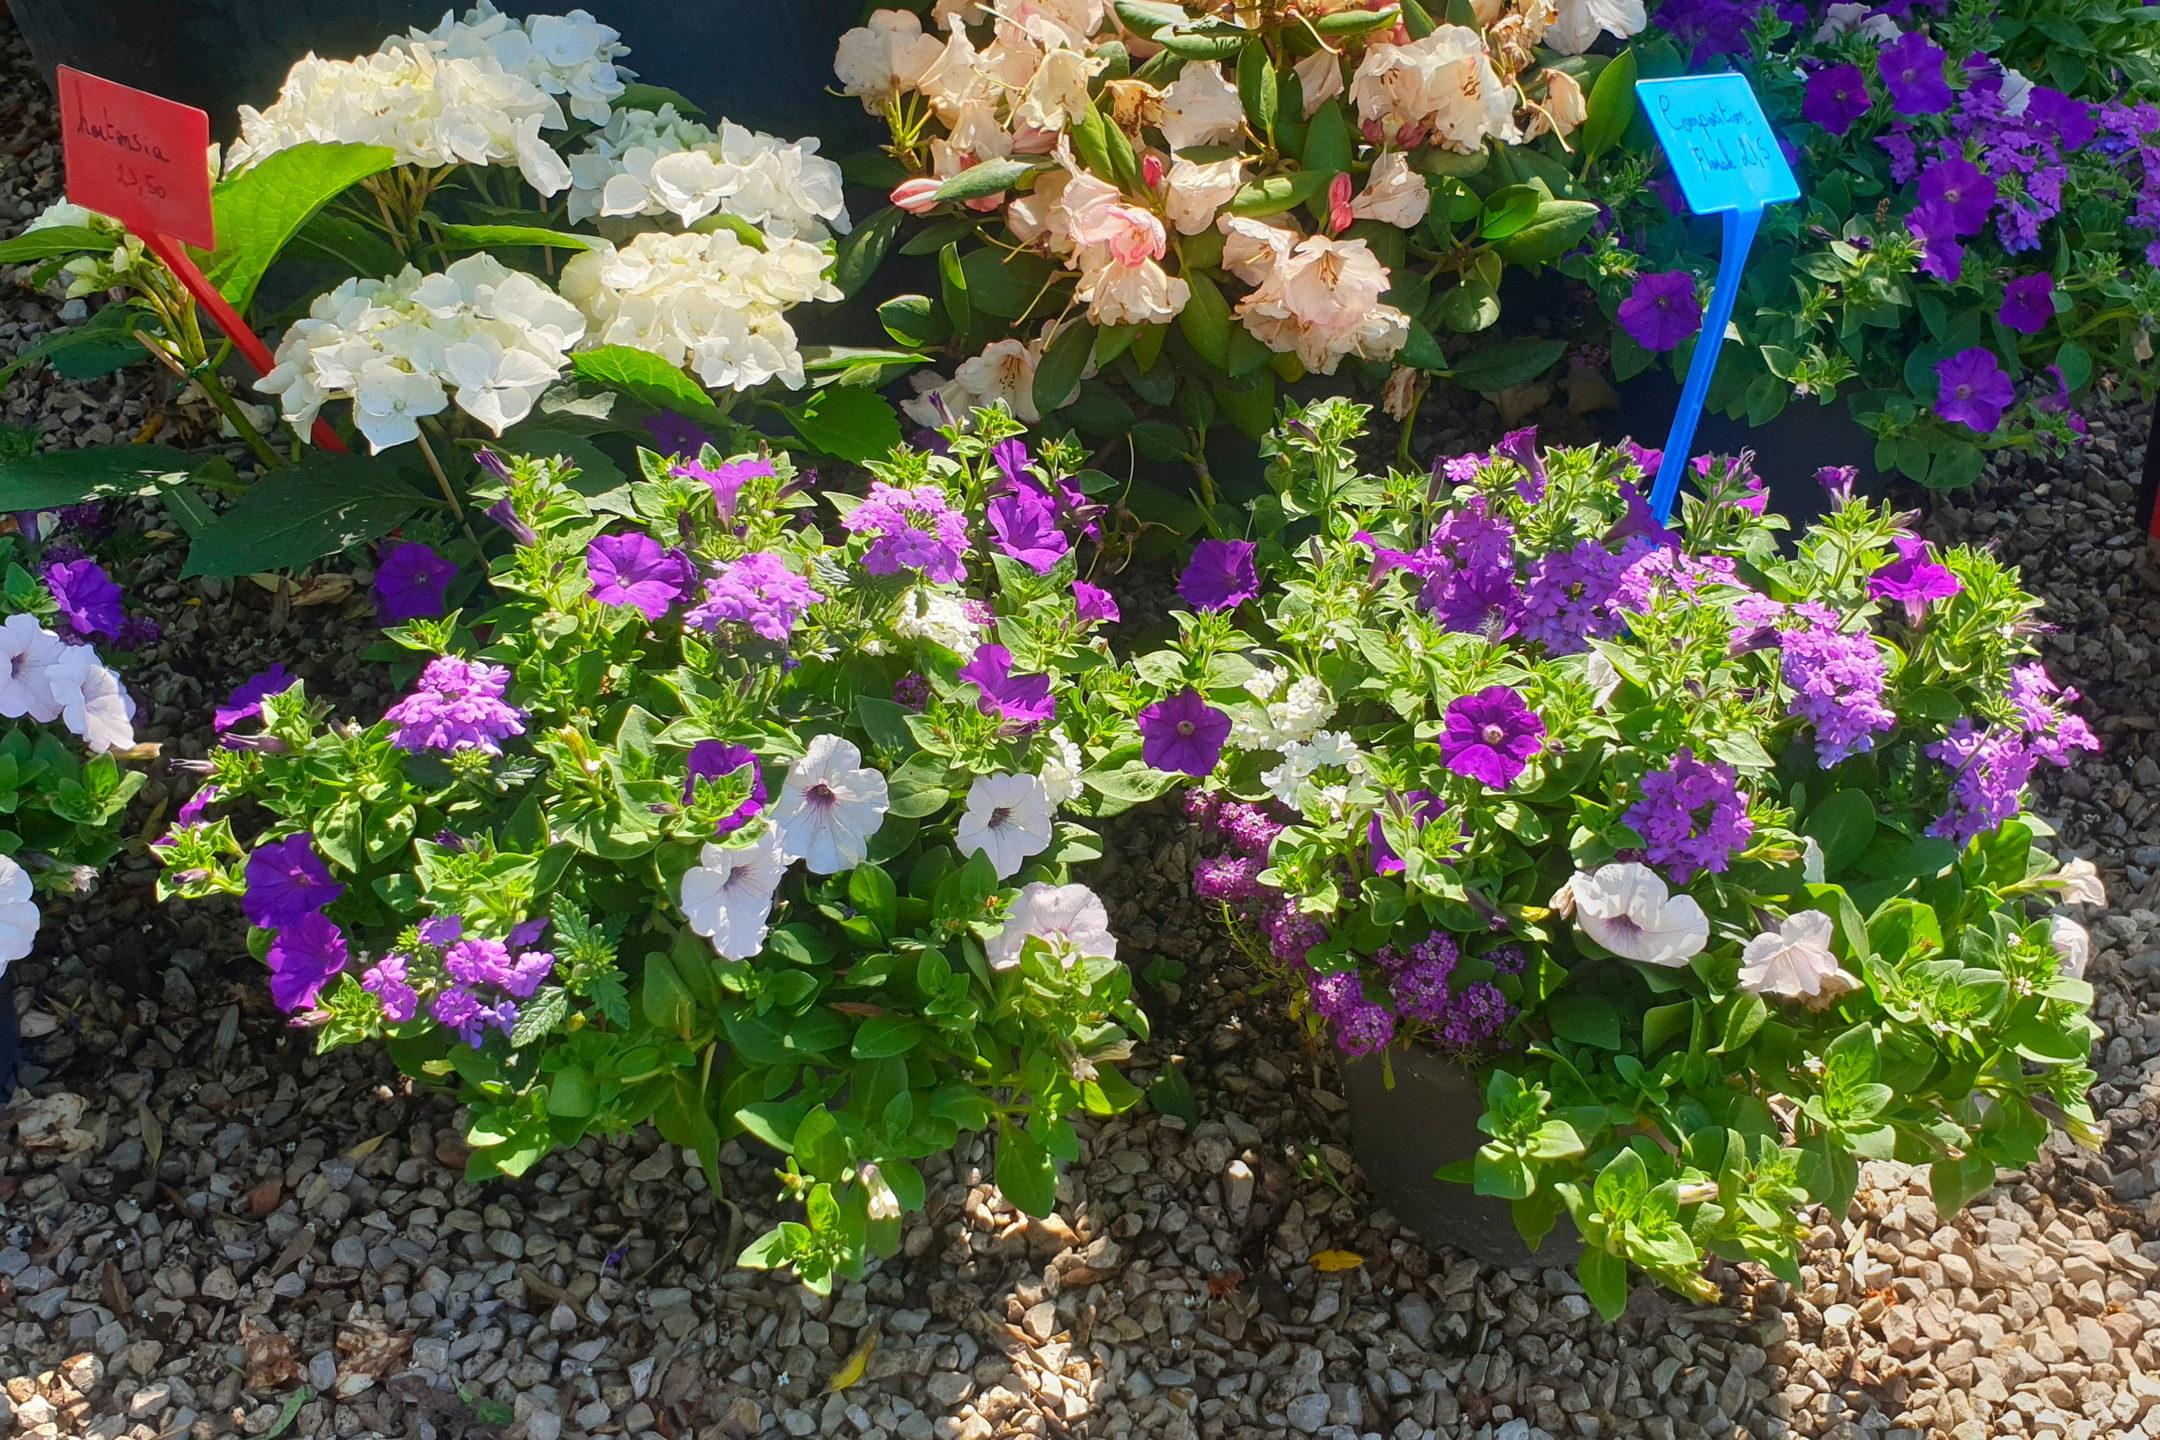 Le-jardin-des-oliviers-21-06-12-11.jpg